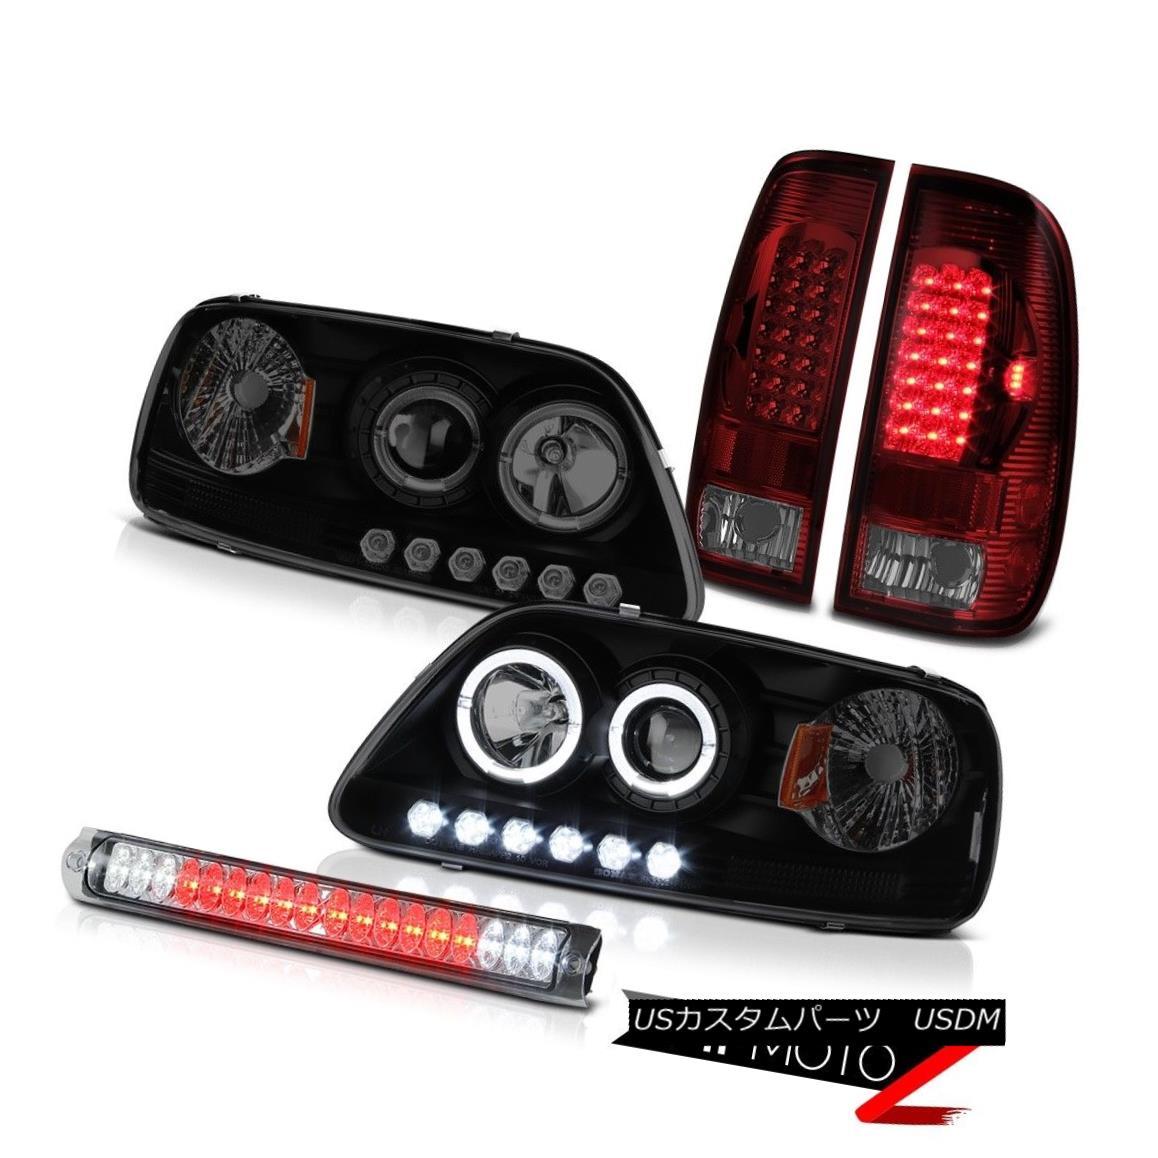 ヘッドライト 2X Halo LED Projector Headlamp Brake Lights High Cargo 97-03 F150 Hertiage Smoke 2X Halo LEDプロジェクターヘッドランプブレーキライトHigh Cargo 97-03 F150 Heritage Smoke